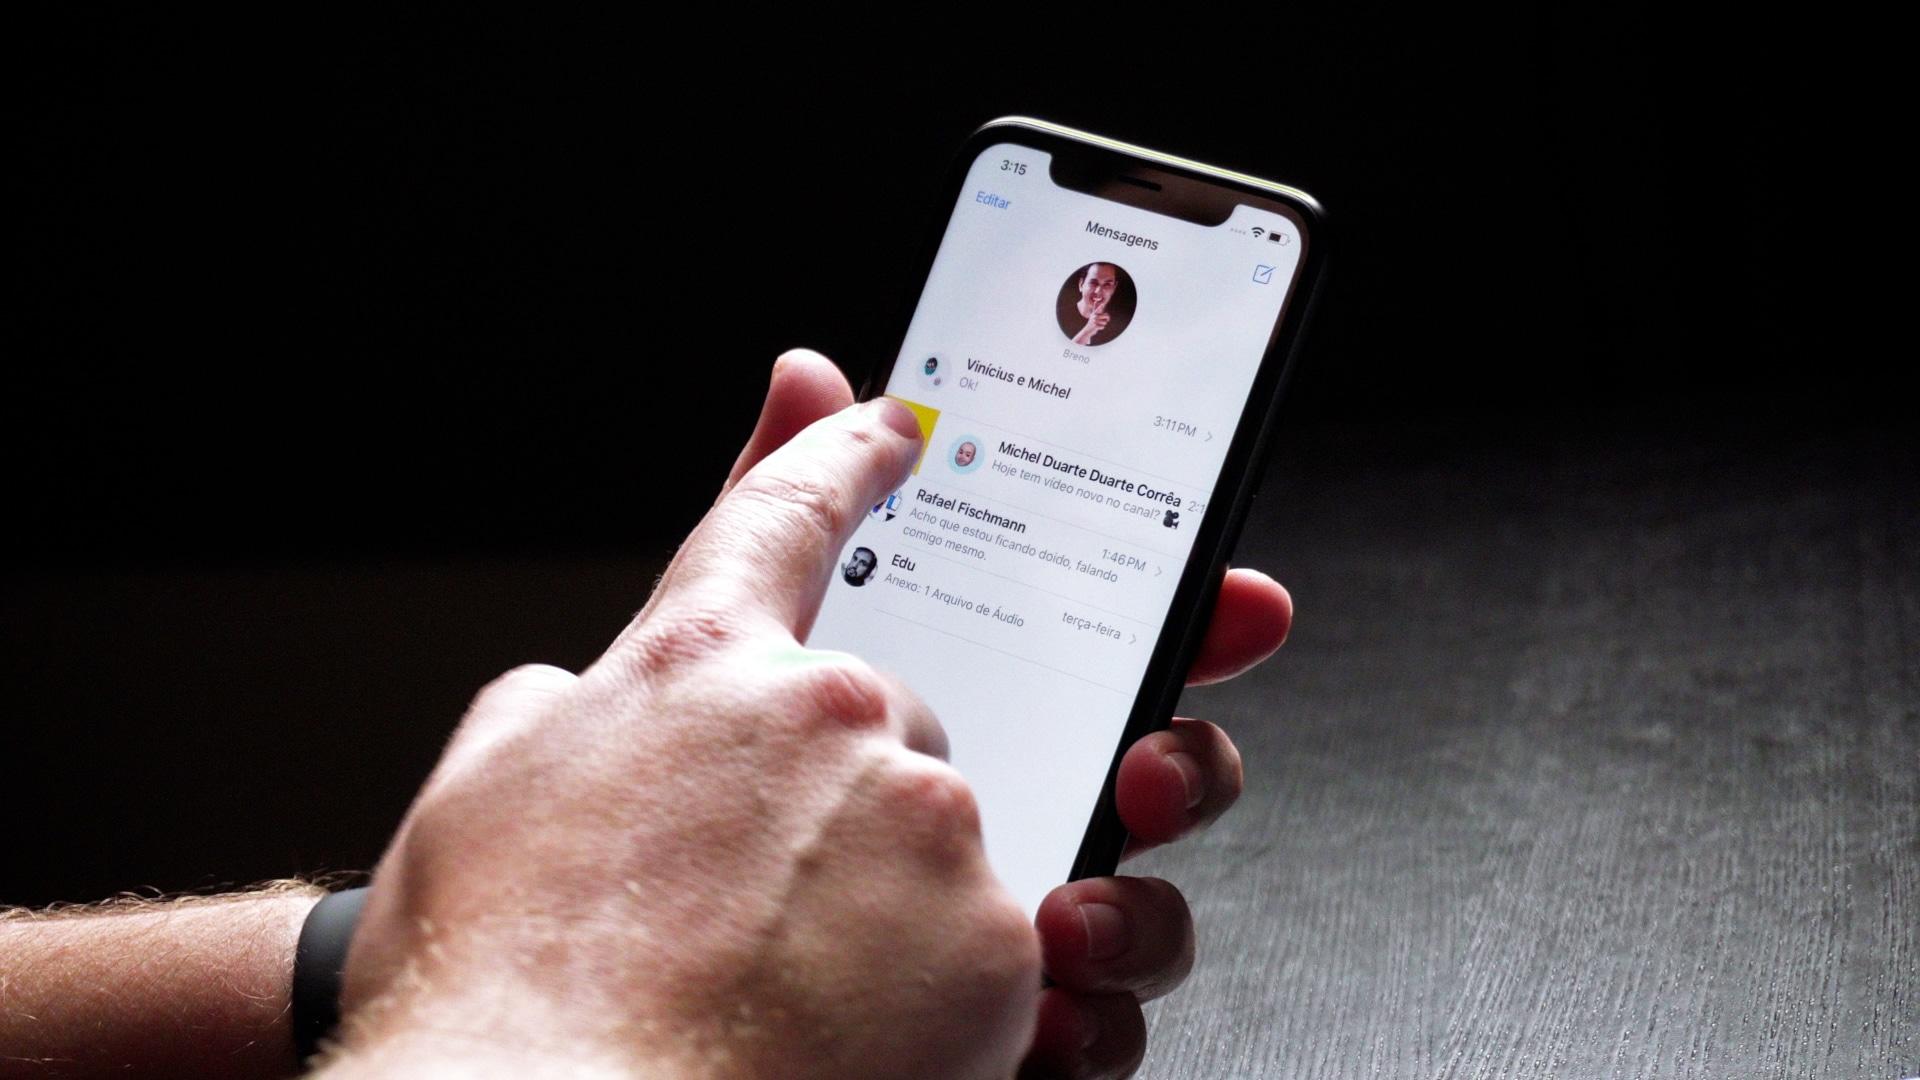 Fixando chat no Mensagens do iPhone